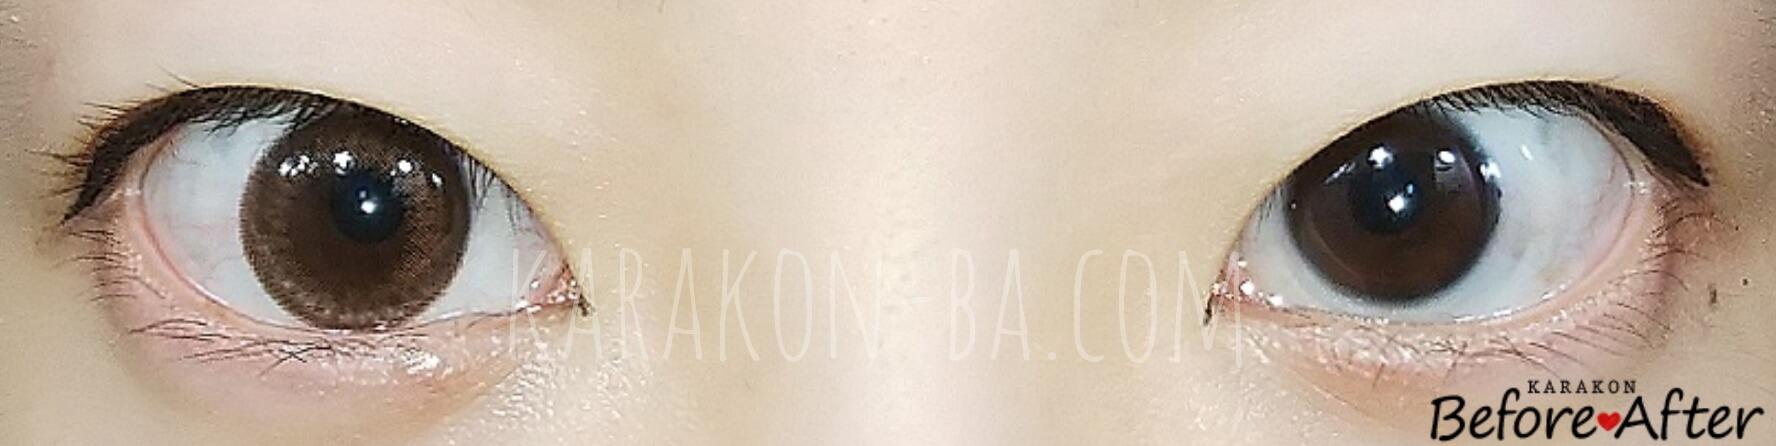 エトエブラウンリングのカラコン装着画像/裸眼と比較